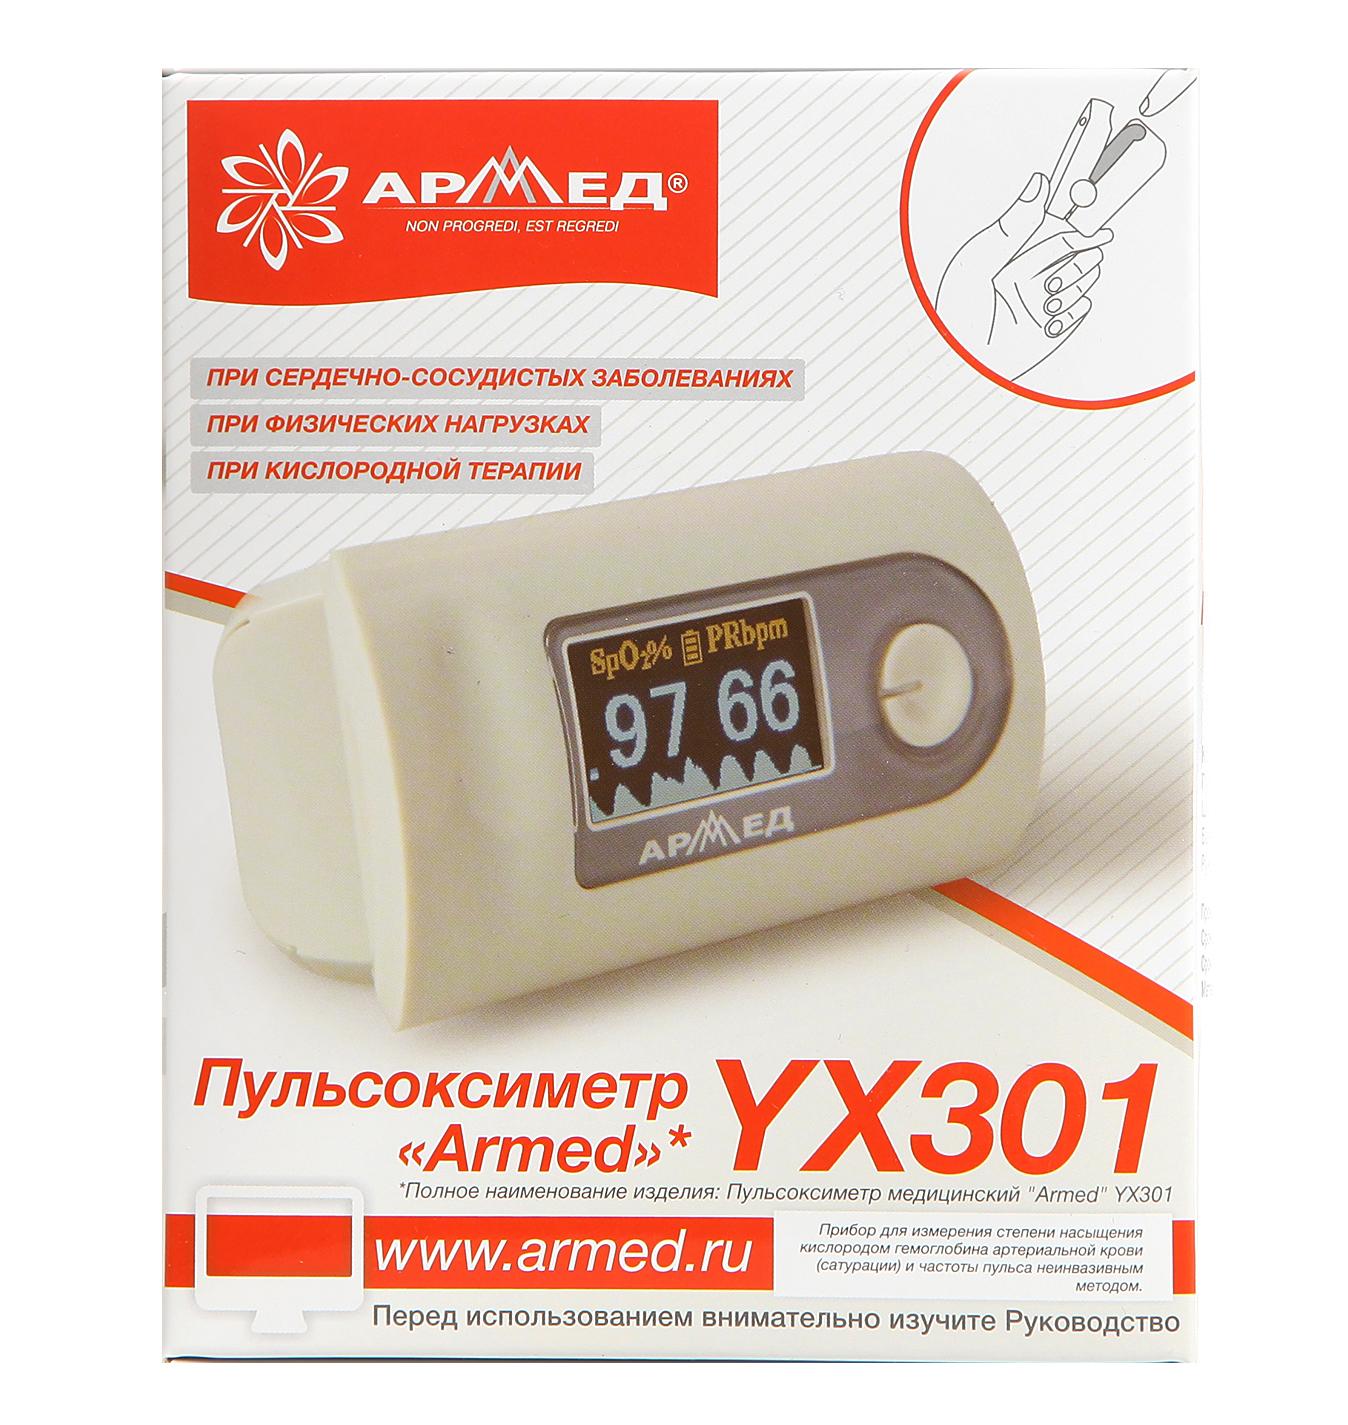 Пульсоксиметр Armed YX-301